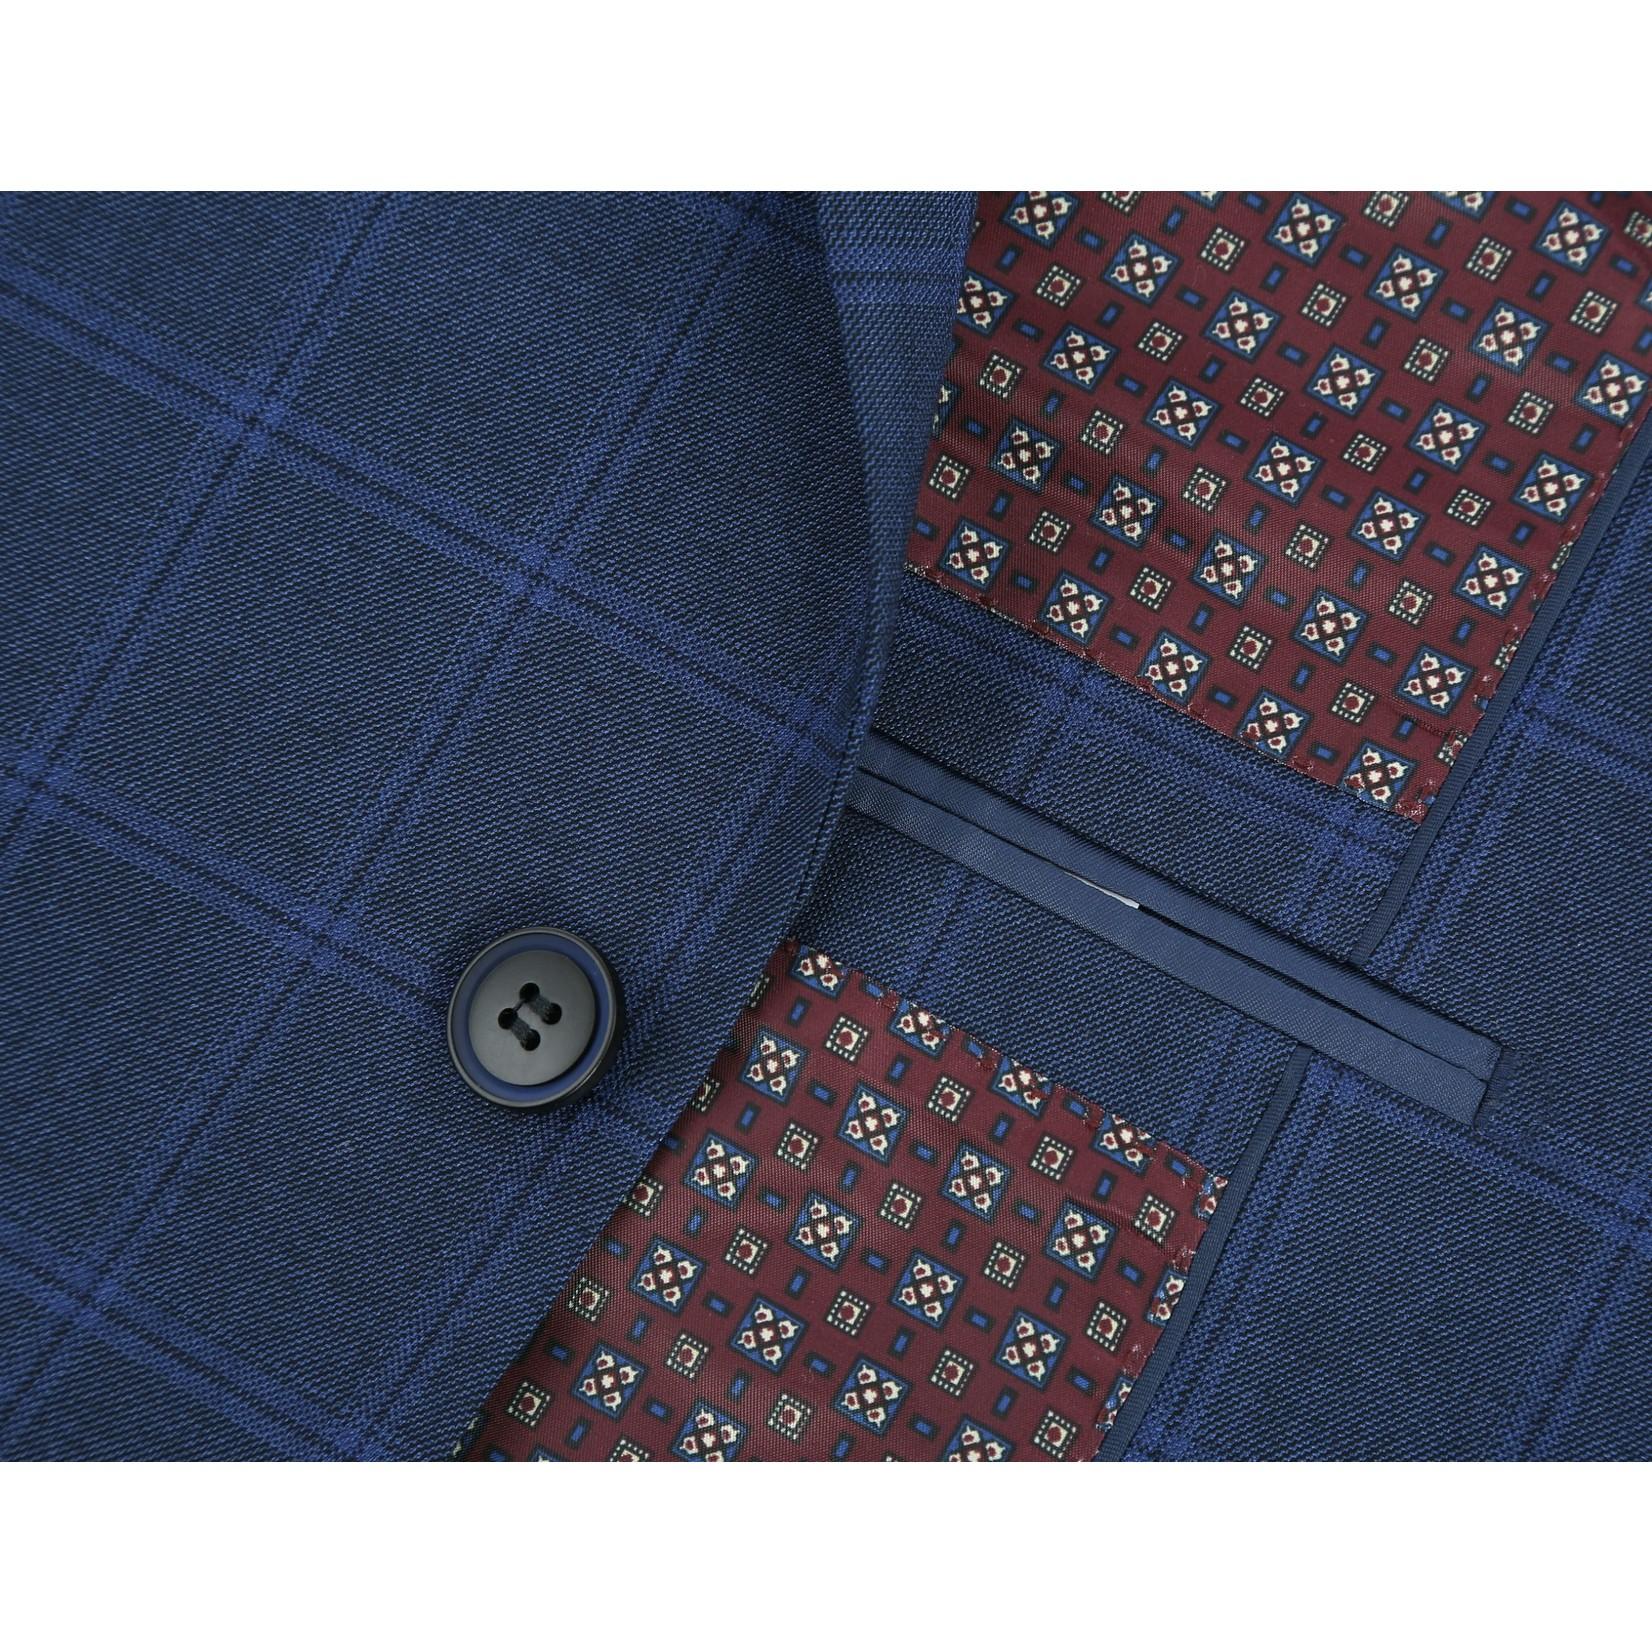 Renoir Renoir Slim Fit Suit 286-8 Blue Windowpane